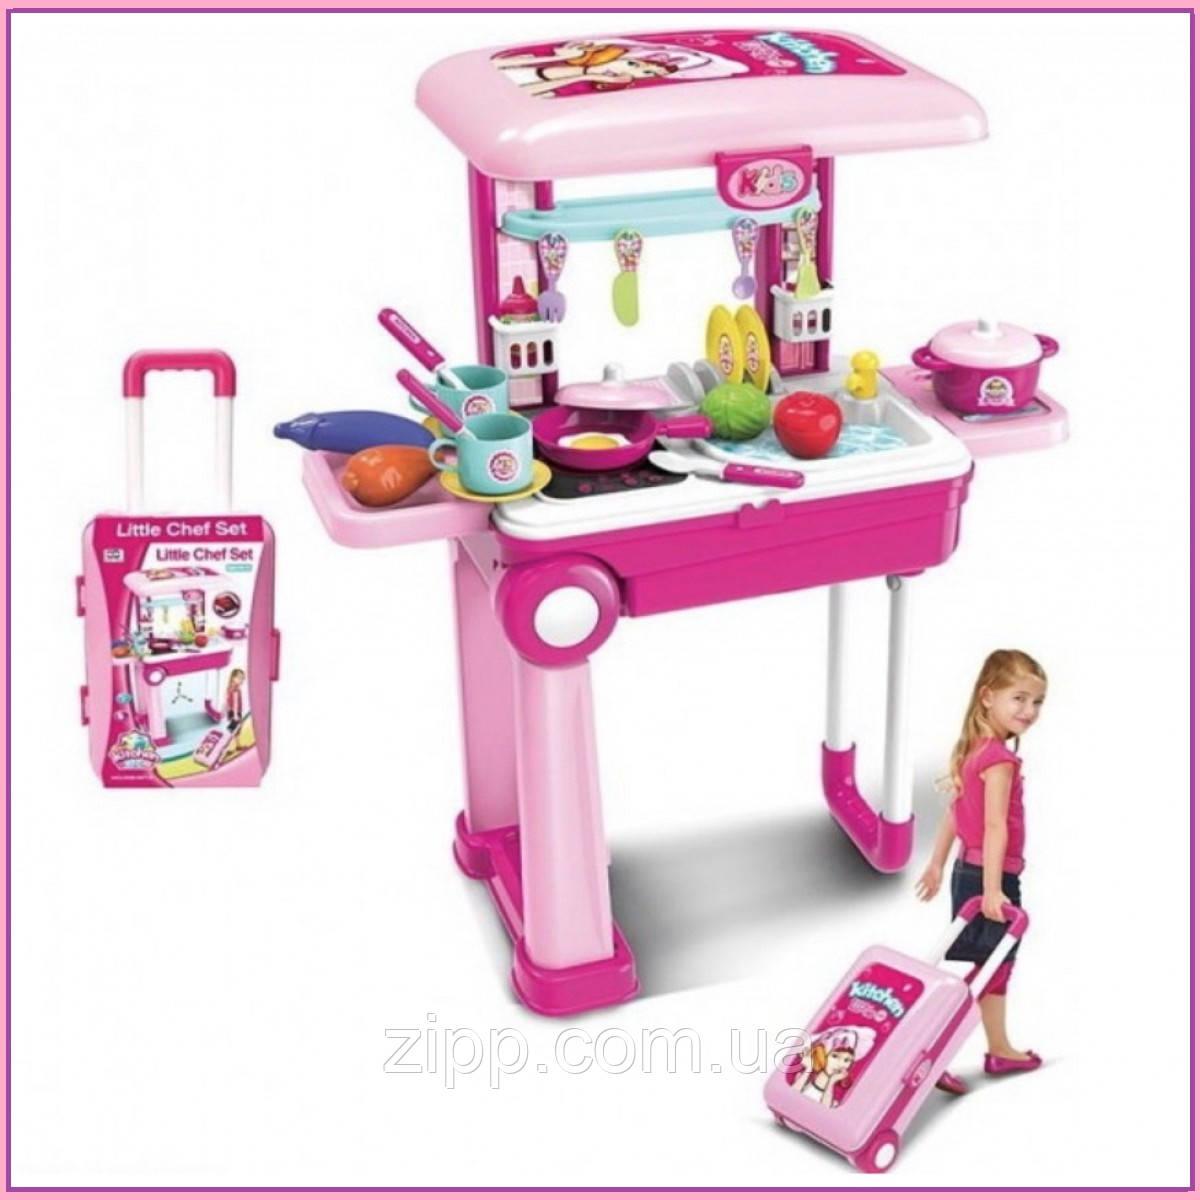 Игровой набор Детская кухня Little Chef Set в чемодане | Детская кухня | Игрушечный чемоданчик с кухней